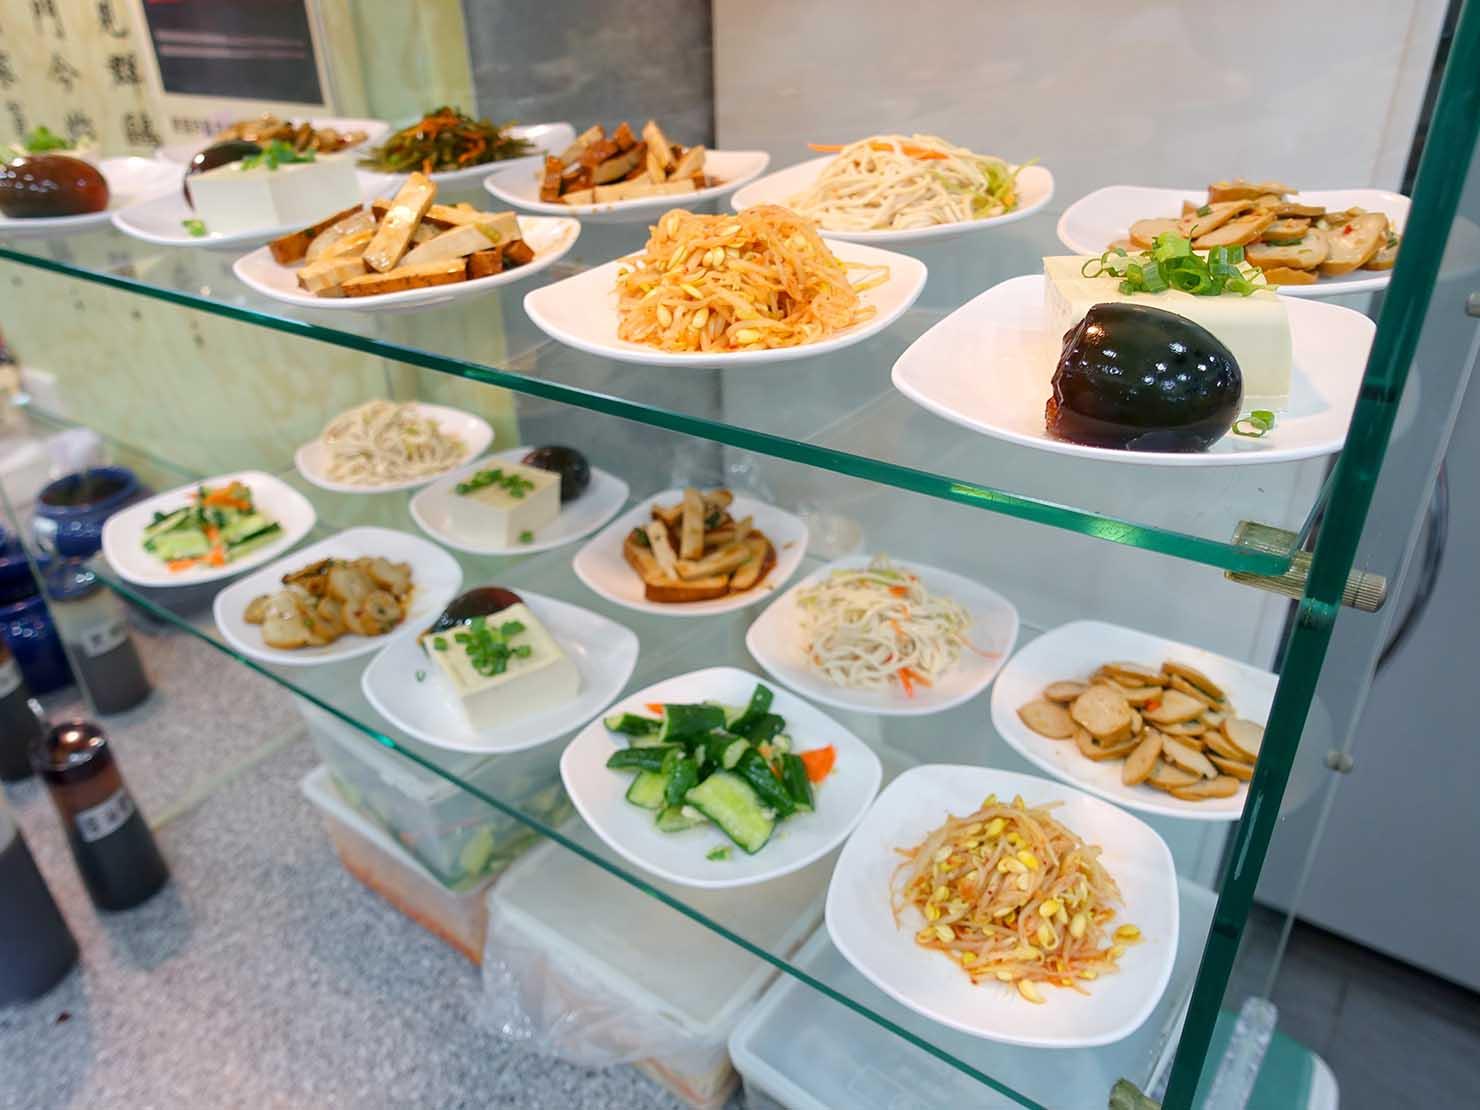 台北・忠孝敦化駅(東區)のおすすめグルメ店「頂好紫琳蒸餃館」の小菜